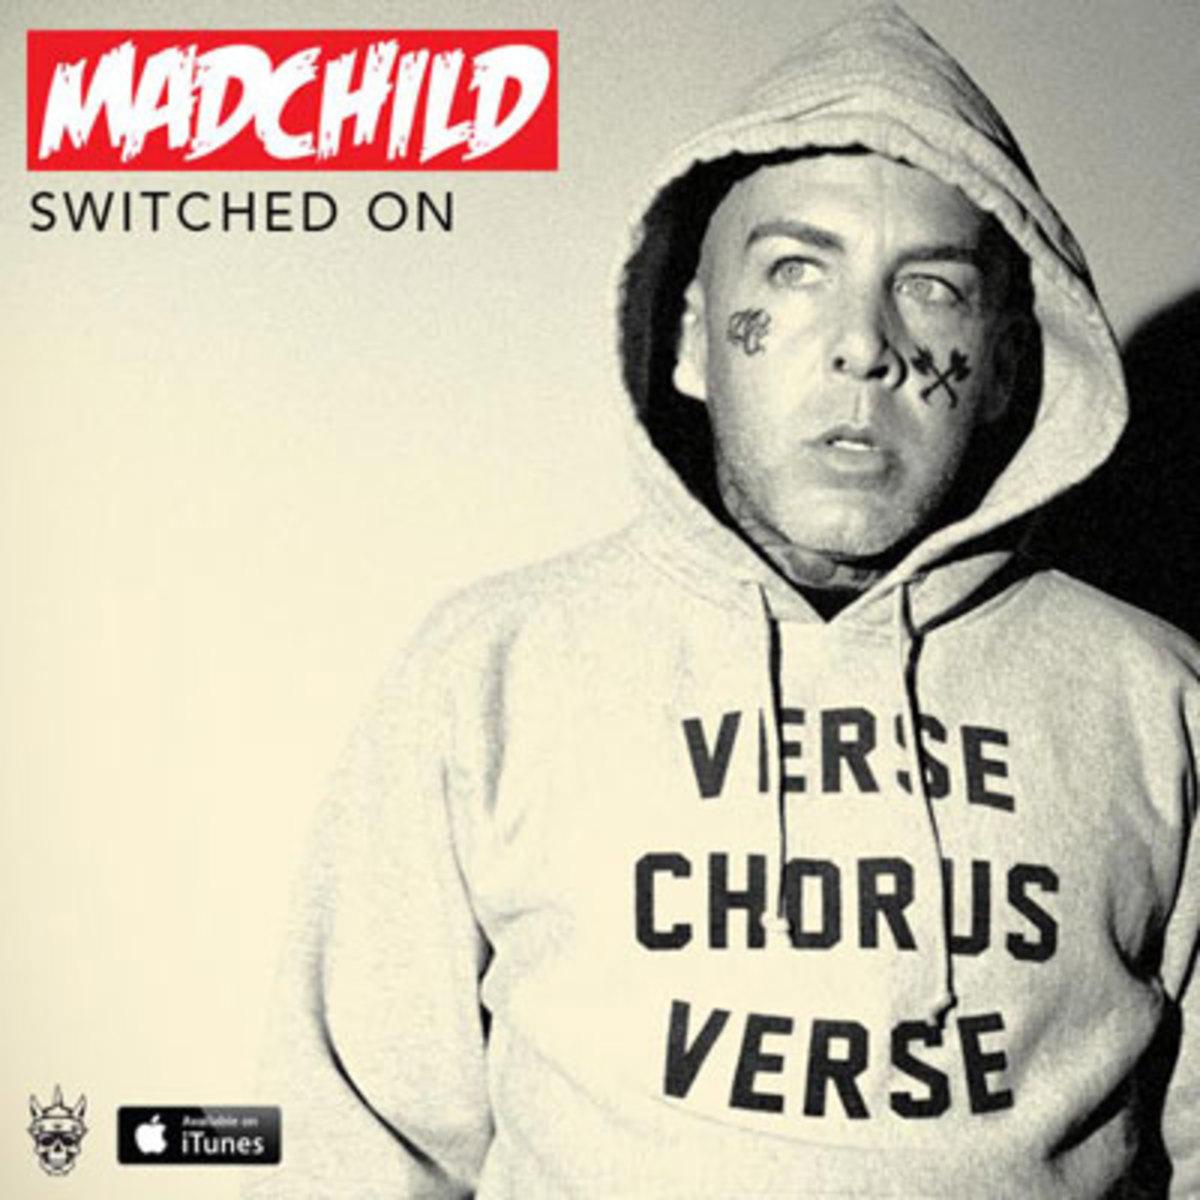 madchild-switchedon.jpg